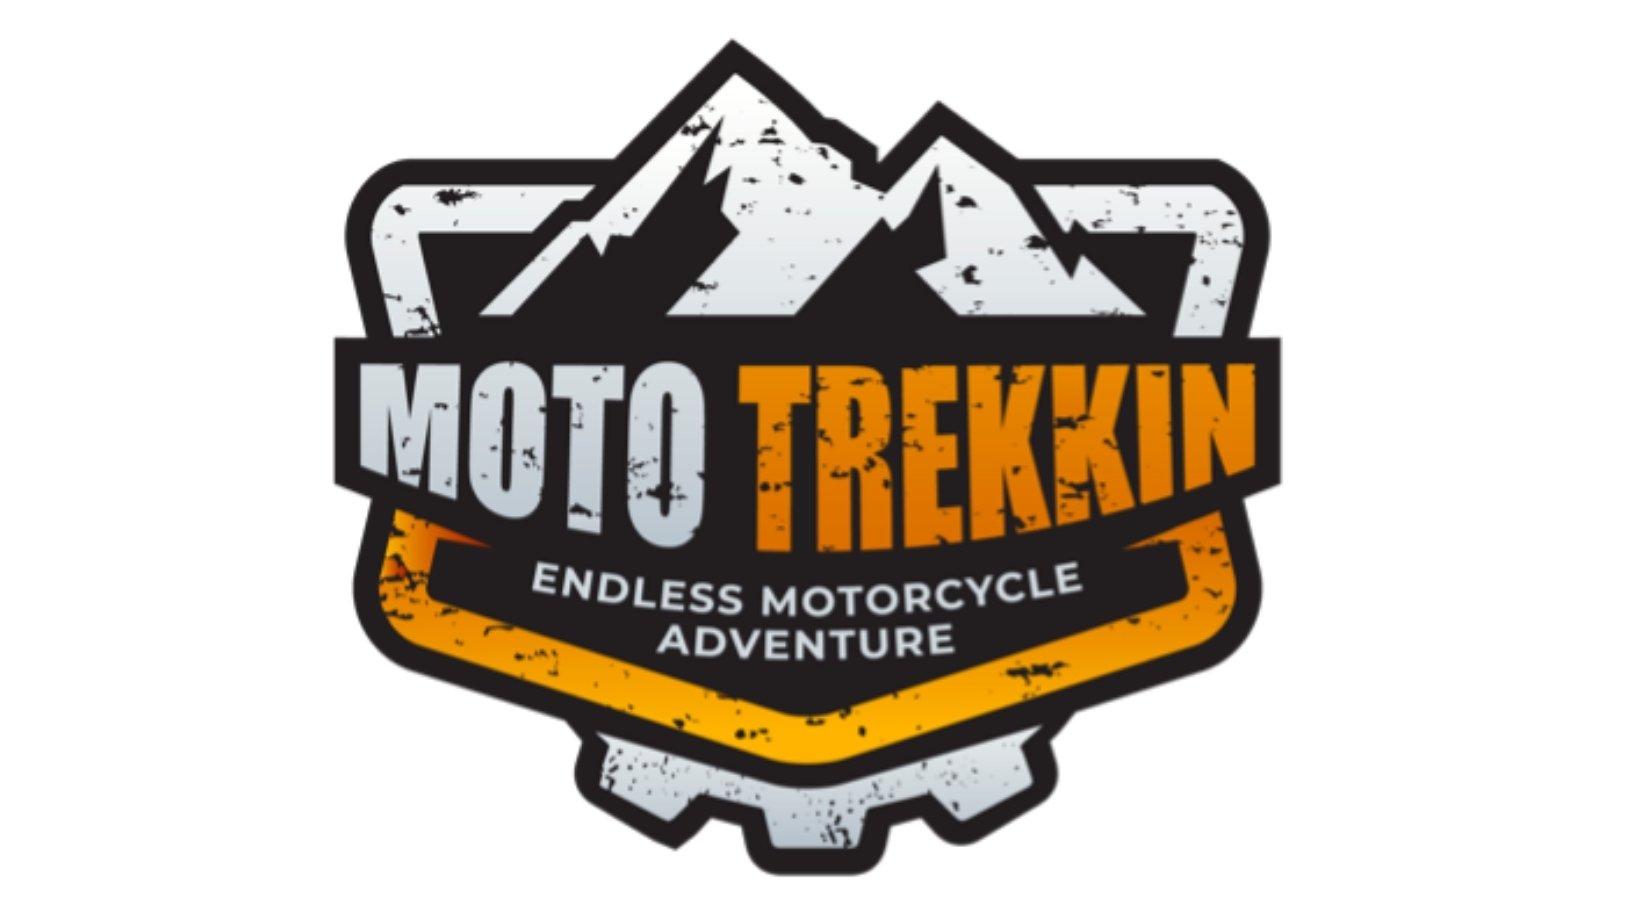 Moto Trekking